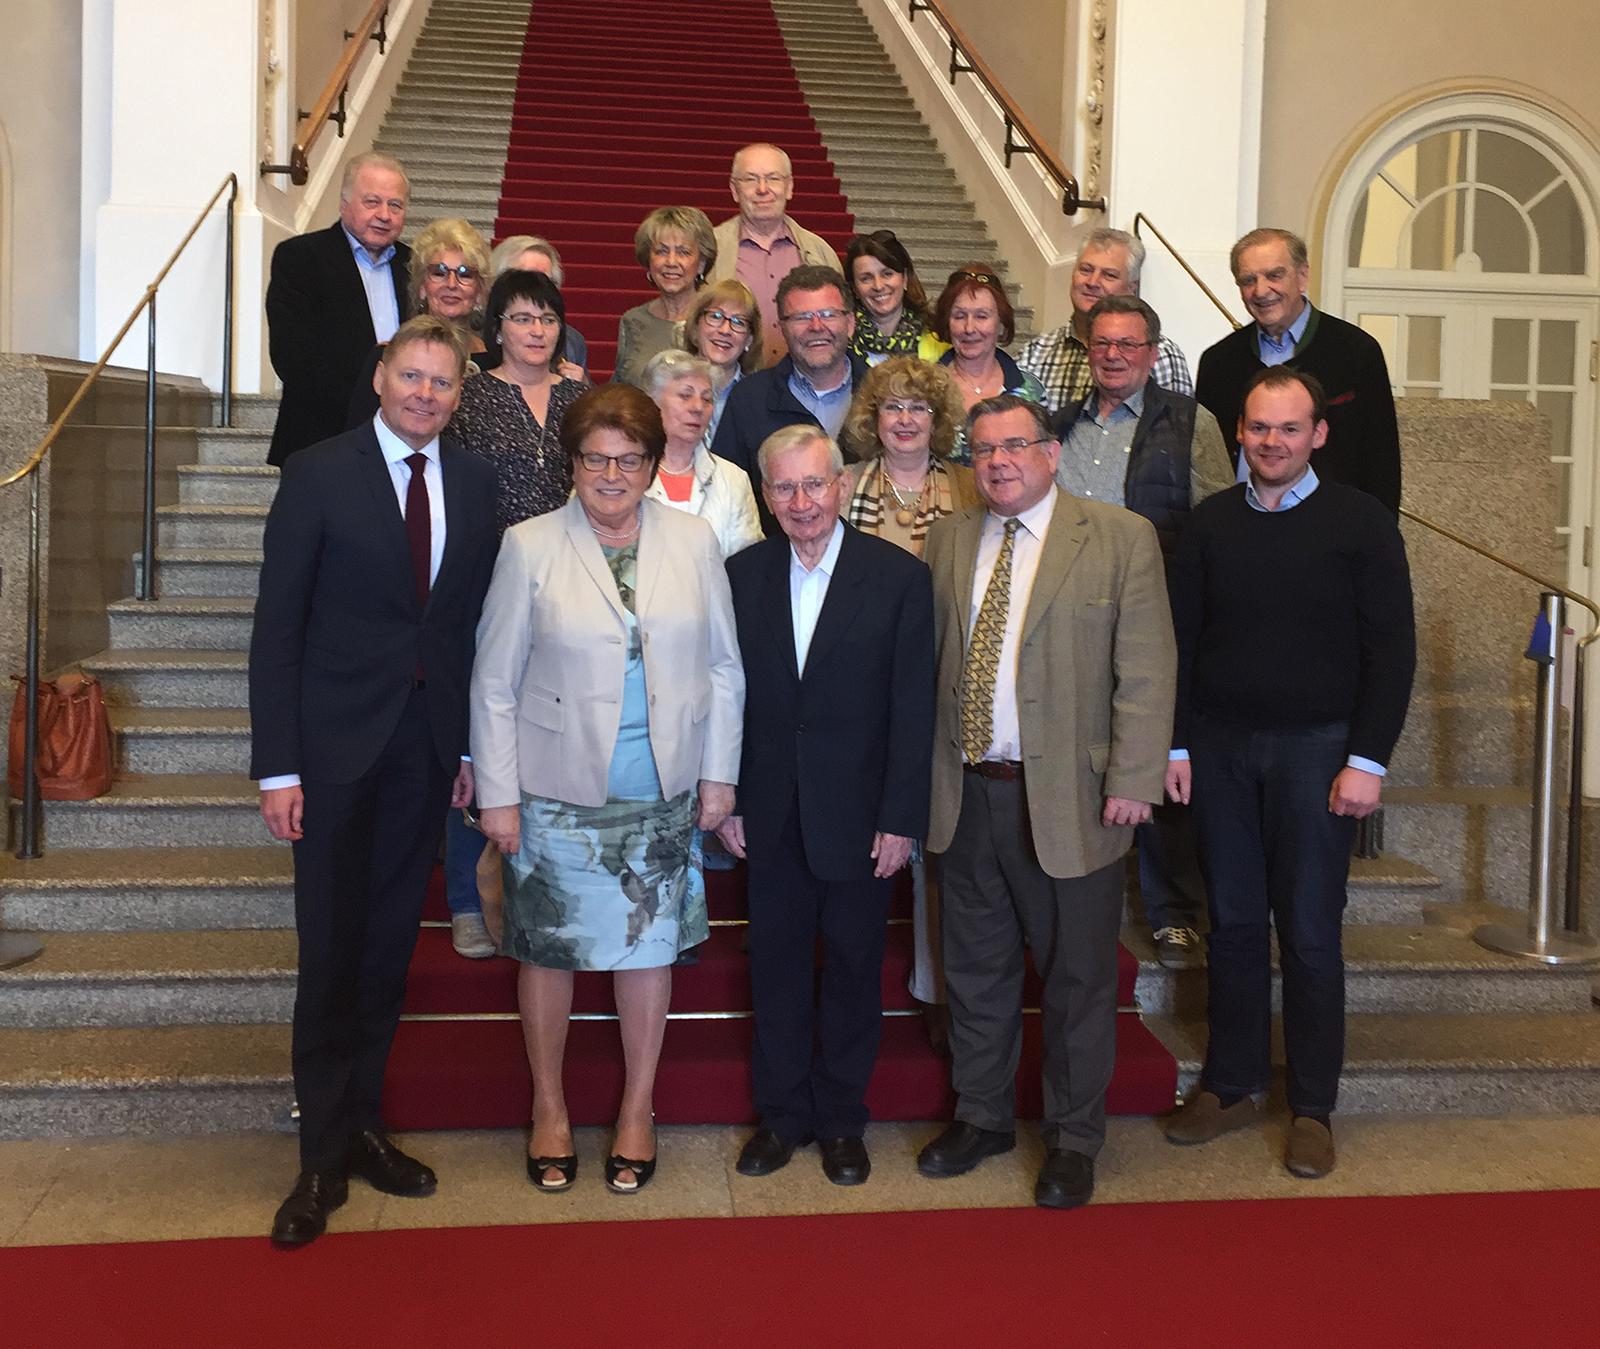 Vorstände der Lebenshilfe Nürnberger Land im Bayerischen Landtag